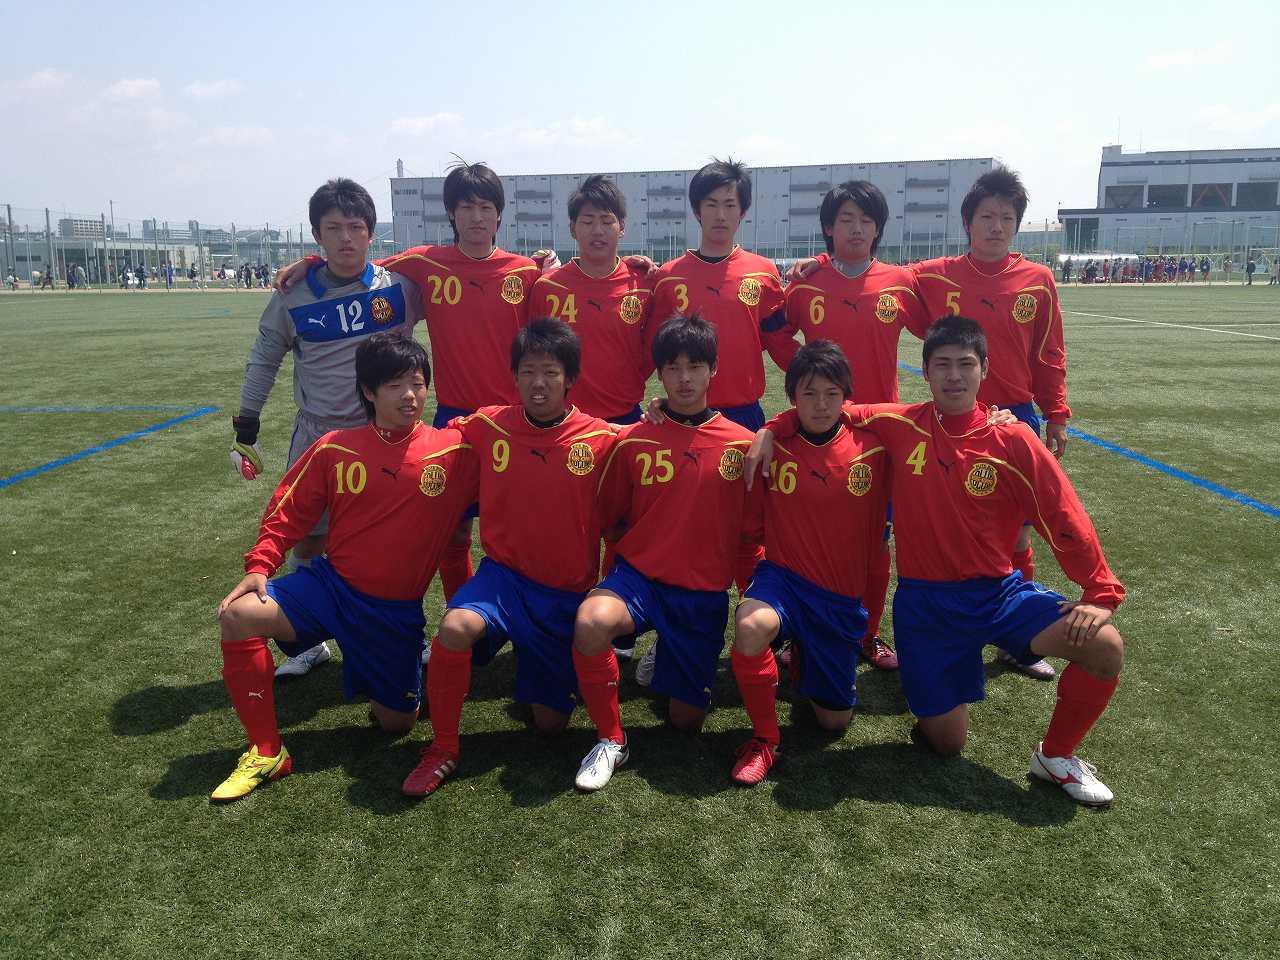 神戸 弘 陵 高校 サッカー